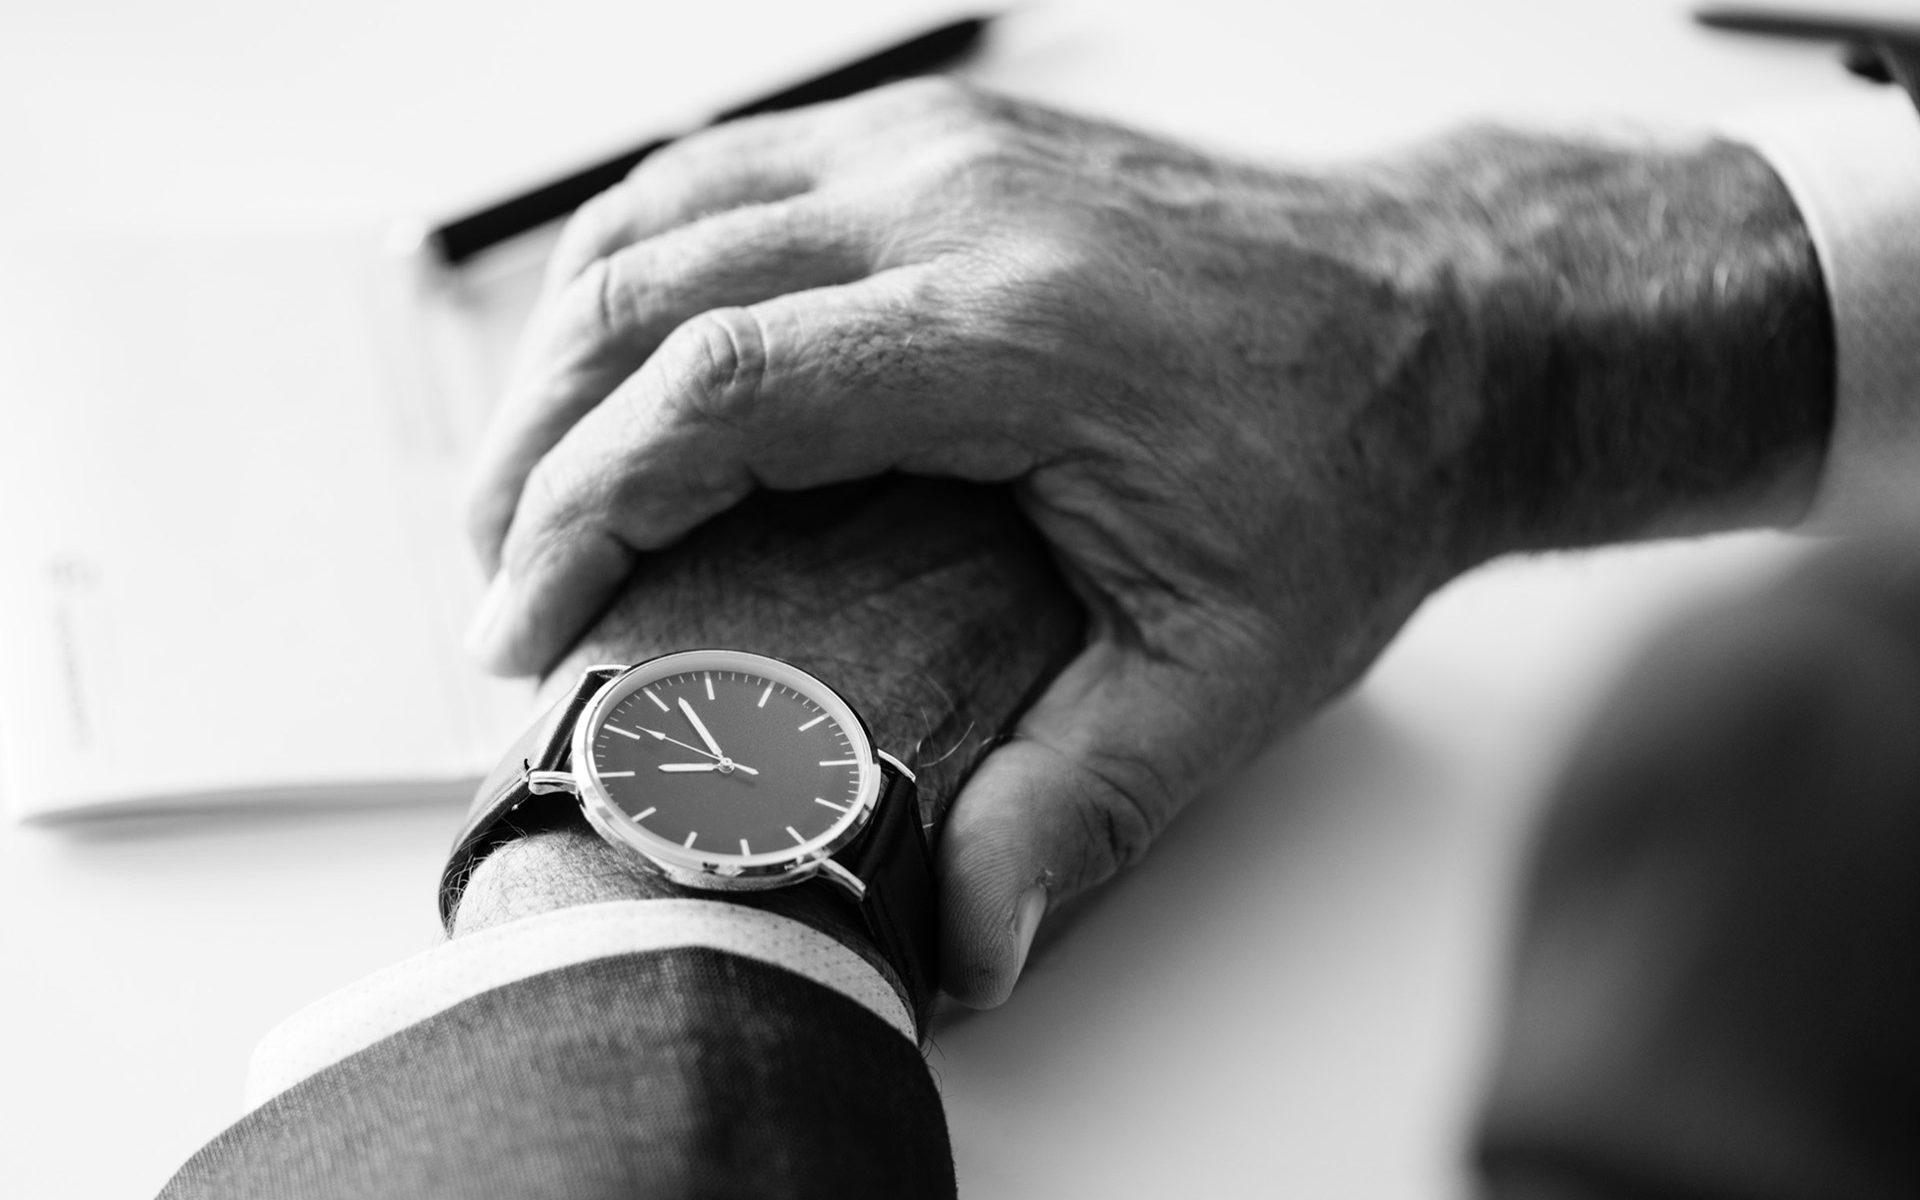 Gerascofobia: la paura di invecchiare